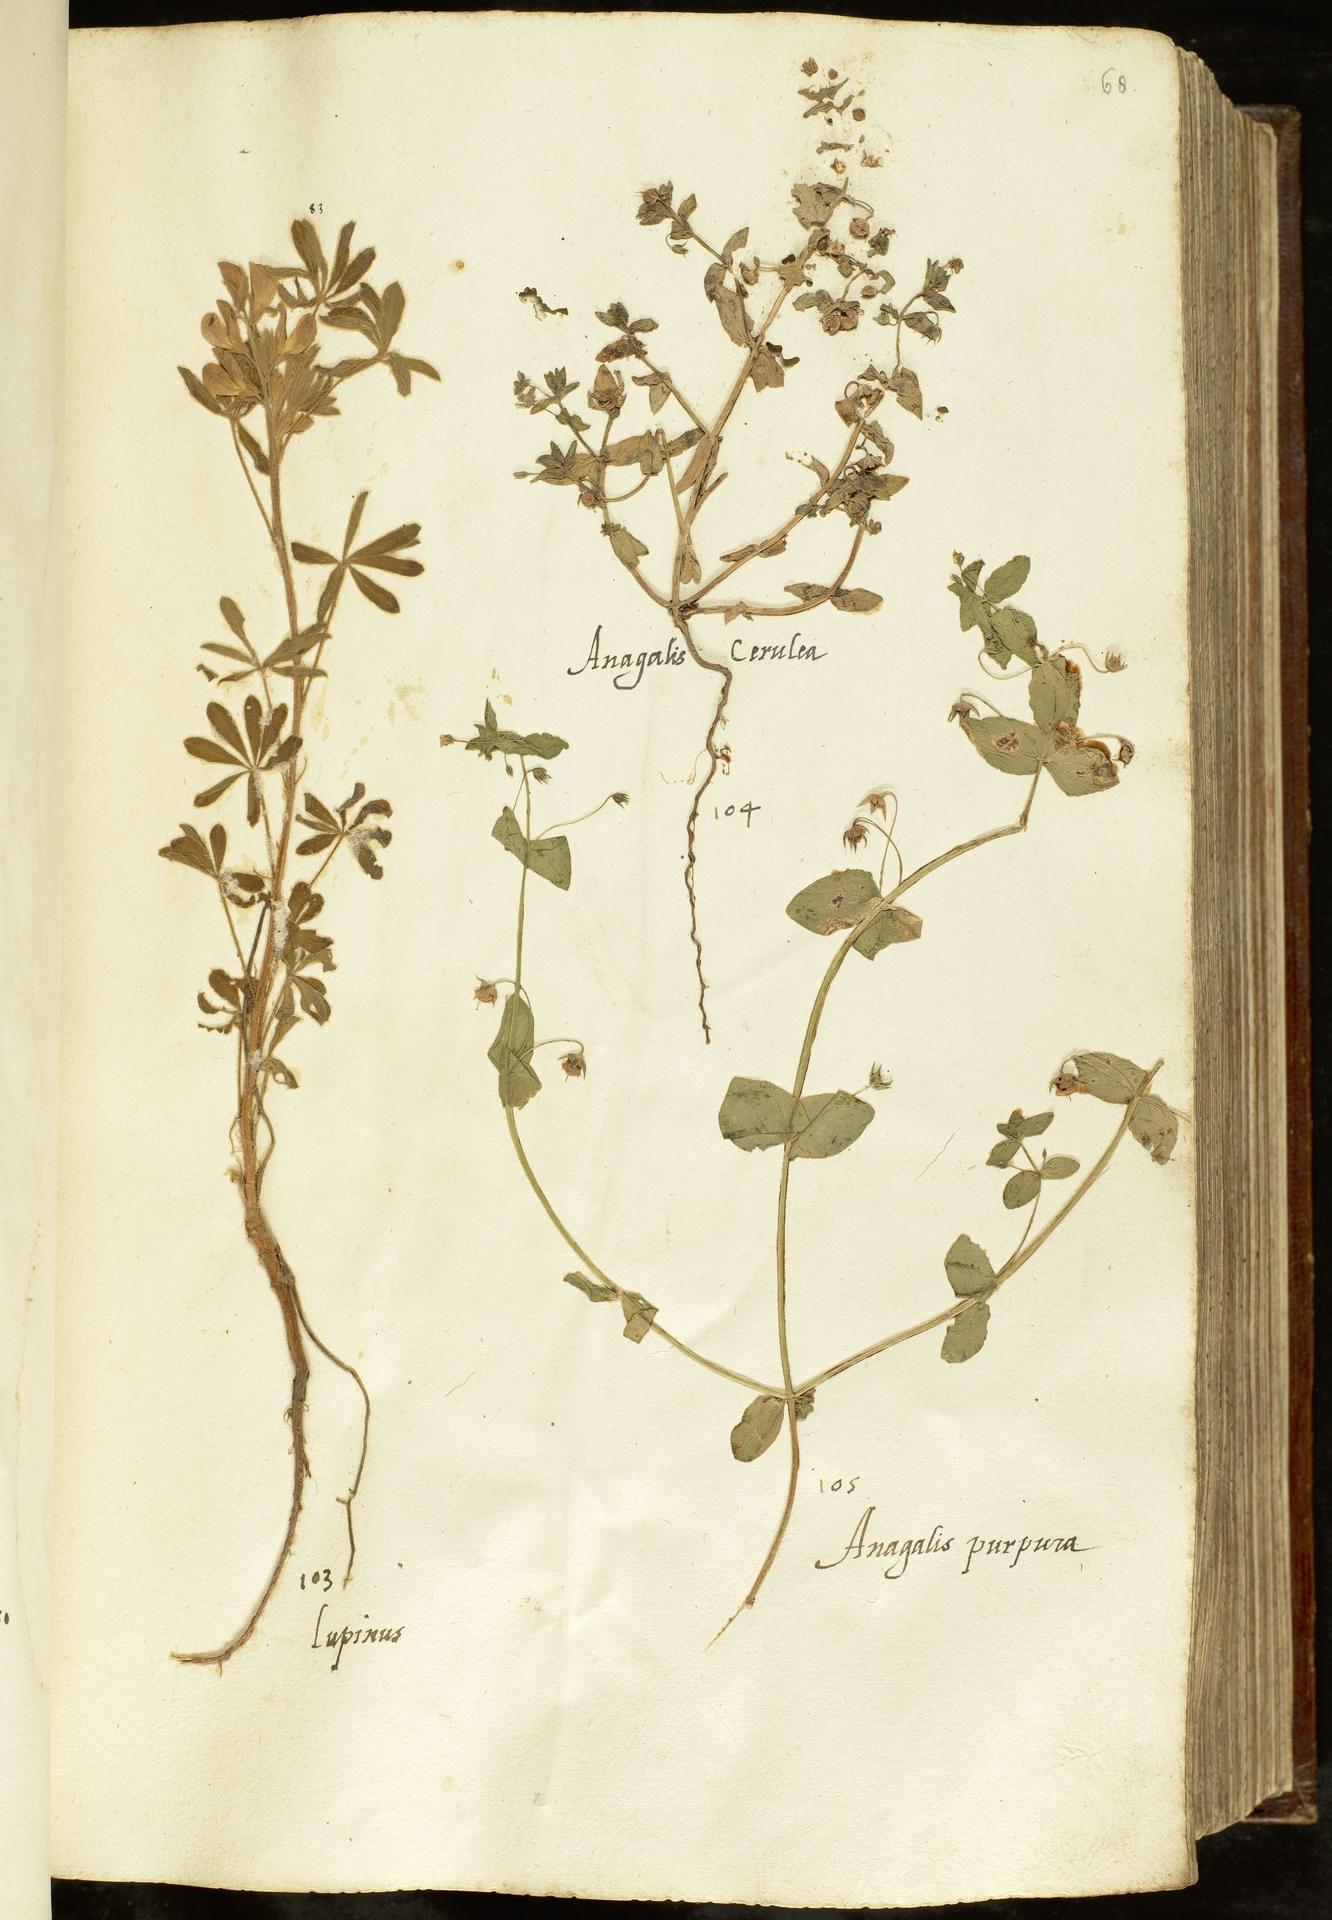 L.2110917 | Anagallis foemina Mill.